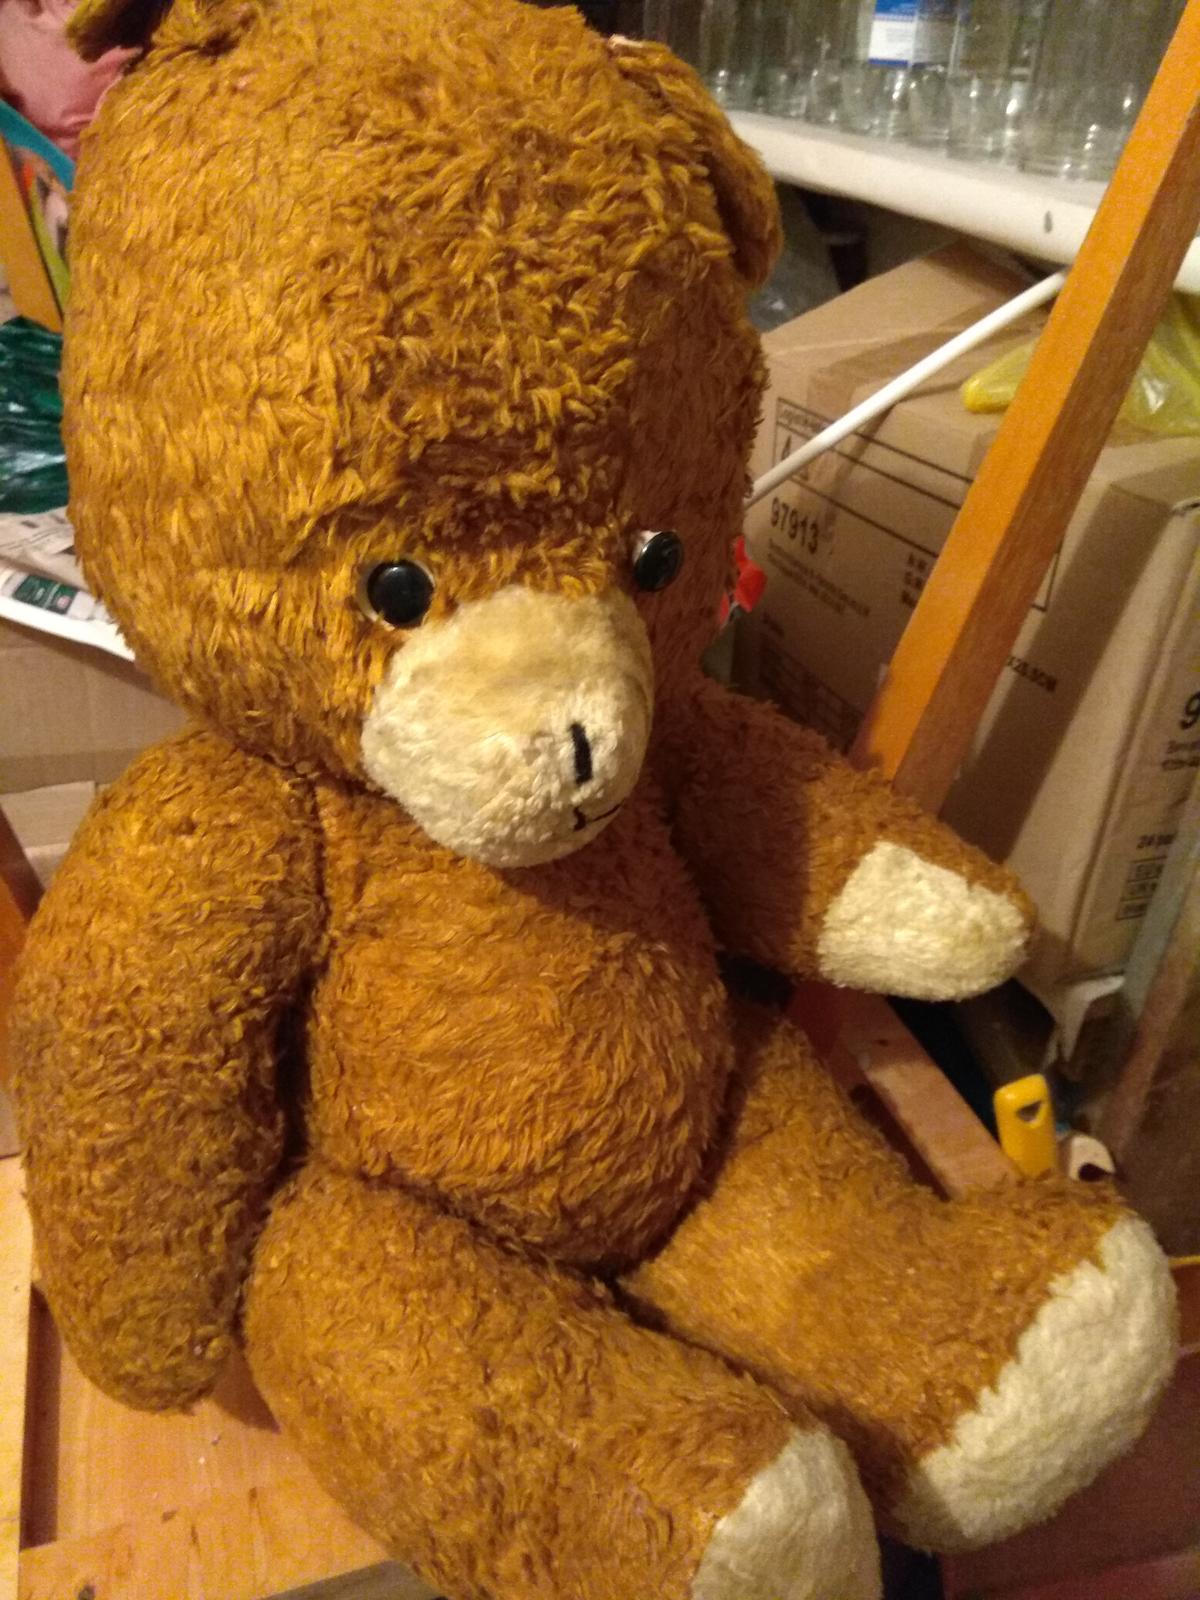 retro medveď - Obrázok č. 1